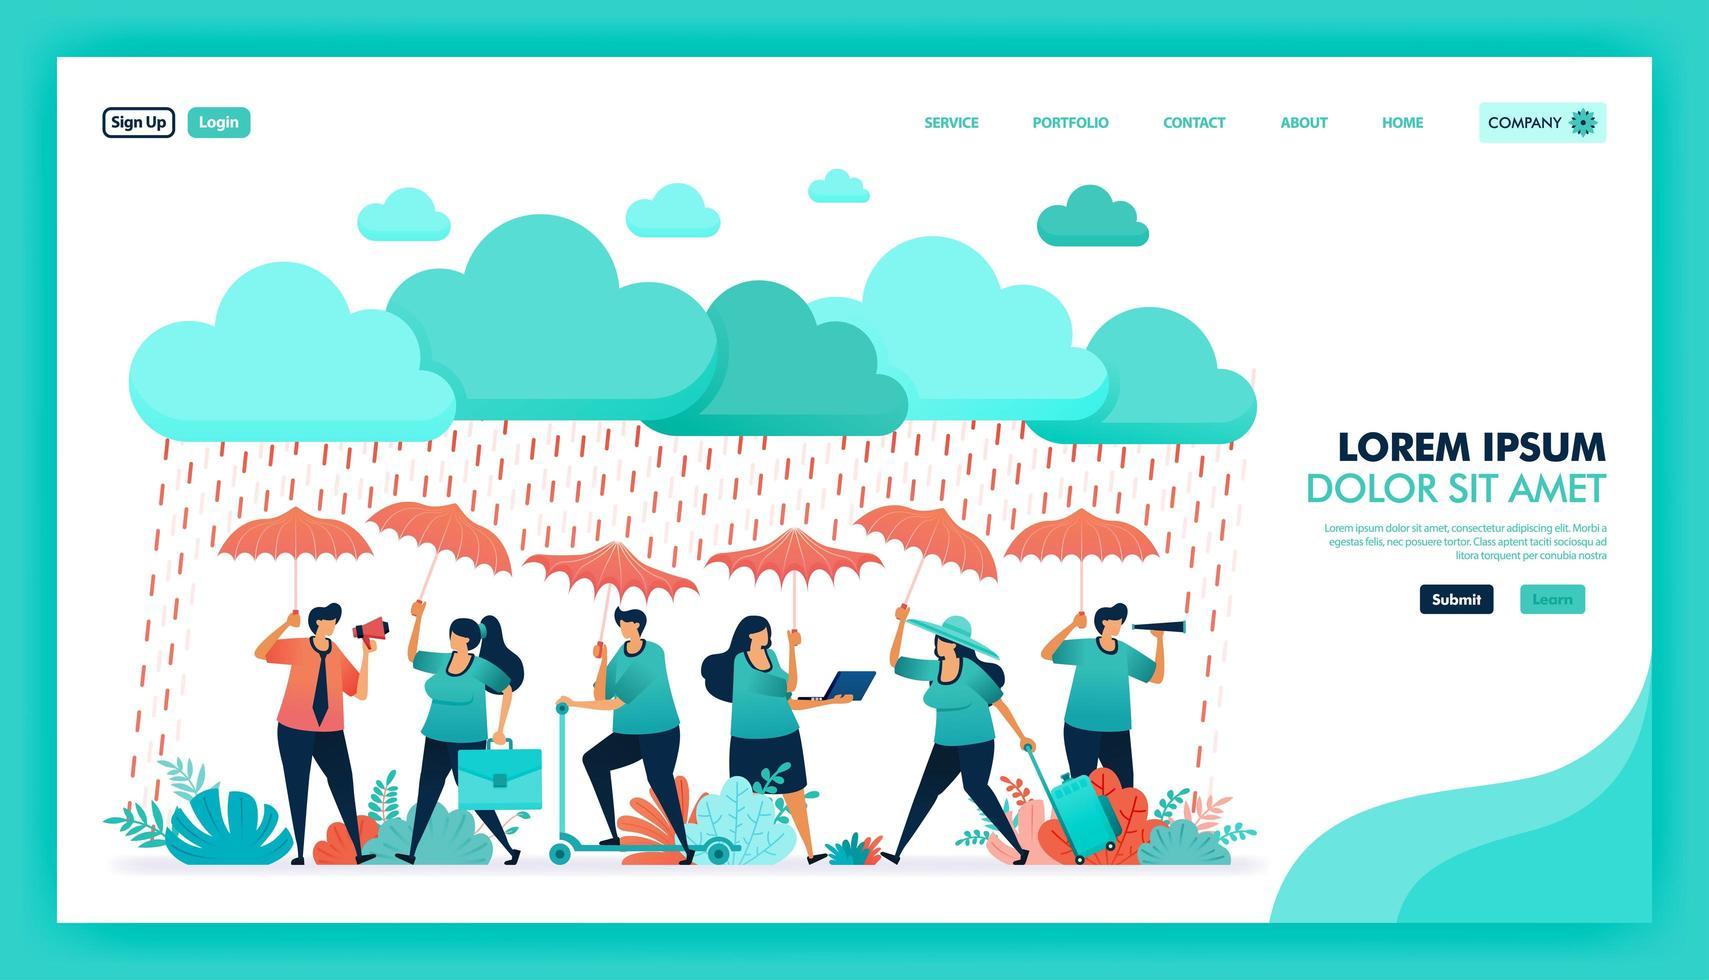 proteja-se e proteja-se com produto de seguro saúde de alta qualidade e garantia, as pessoas usam guarda-chuva para se proteger da chuva, programa de indicação de seguro. design plano de ilustração vetorial. vetor